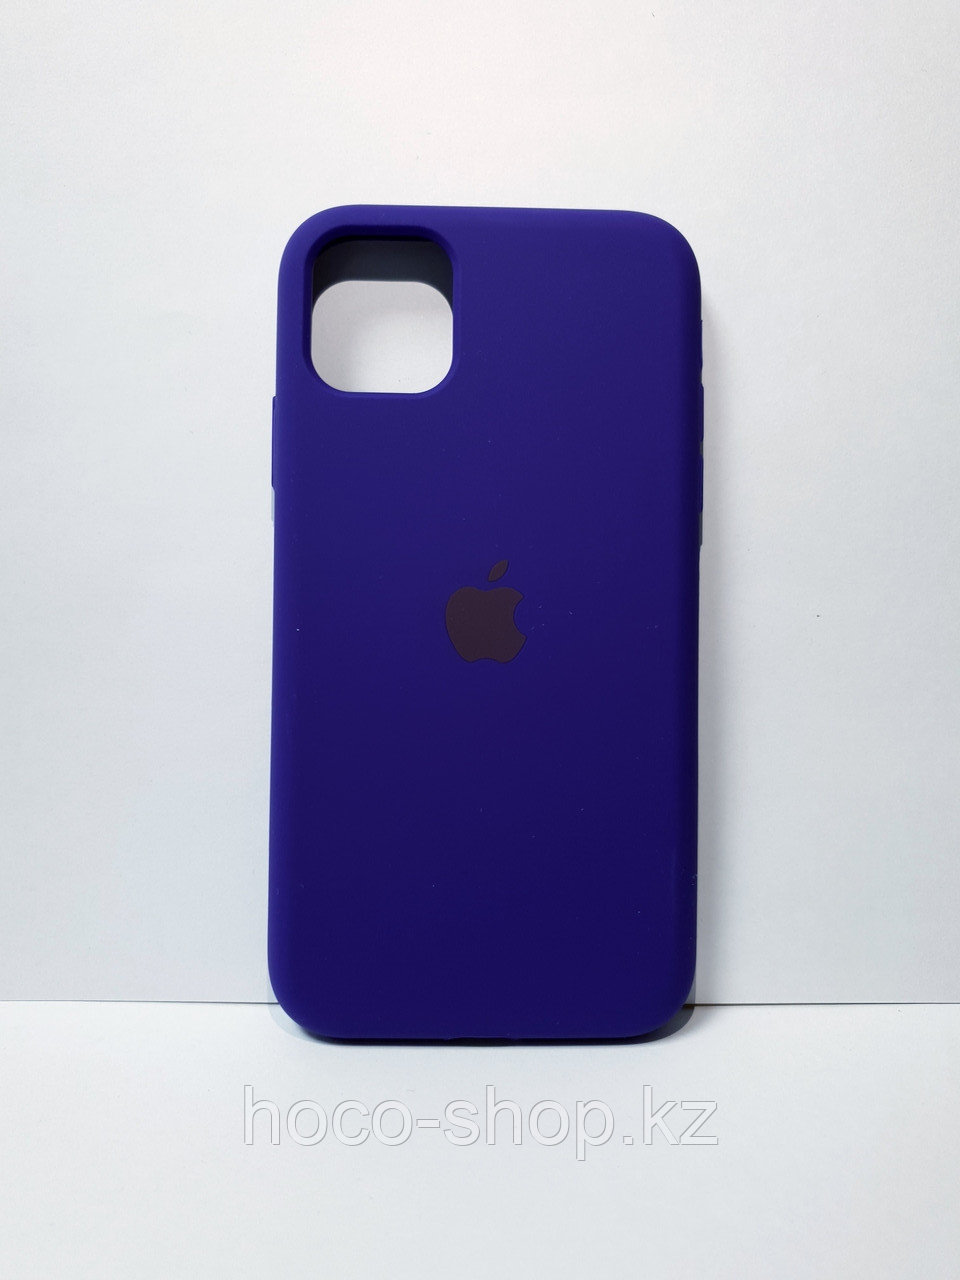 Защитный чехол для iPhone 11 Soft Touch силиконовый, темно-синий